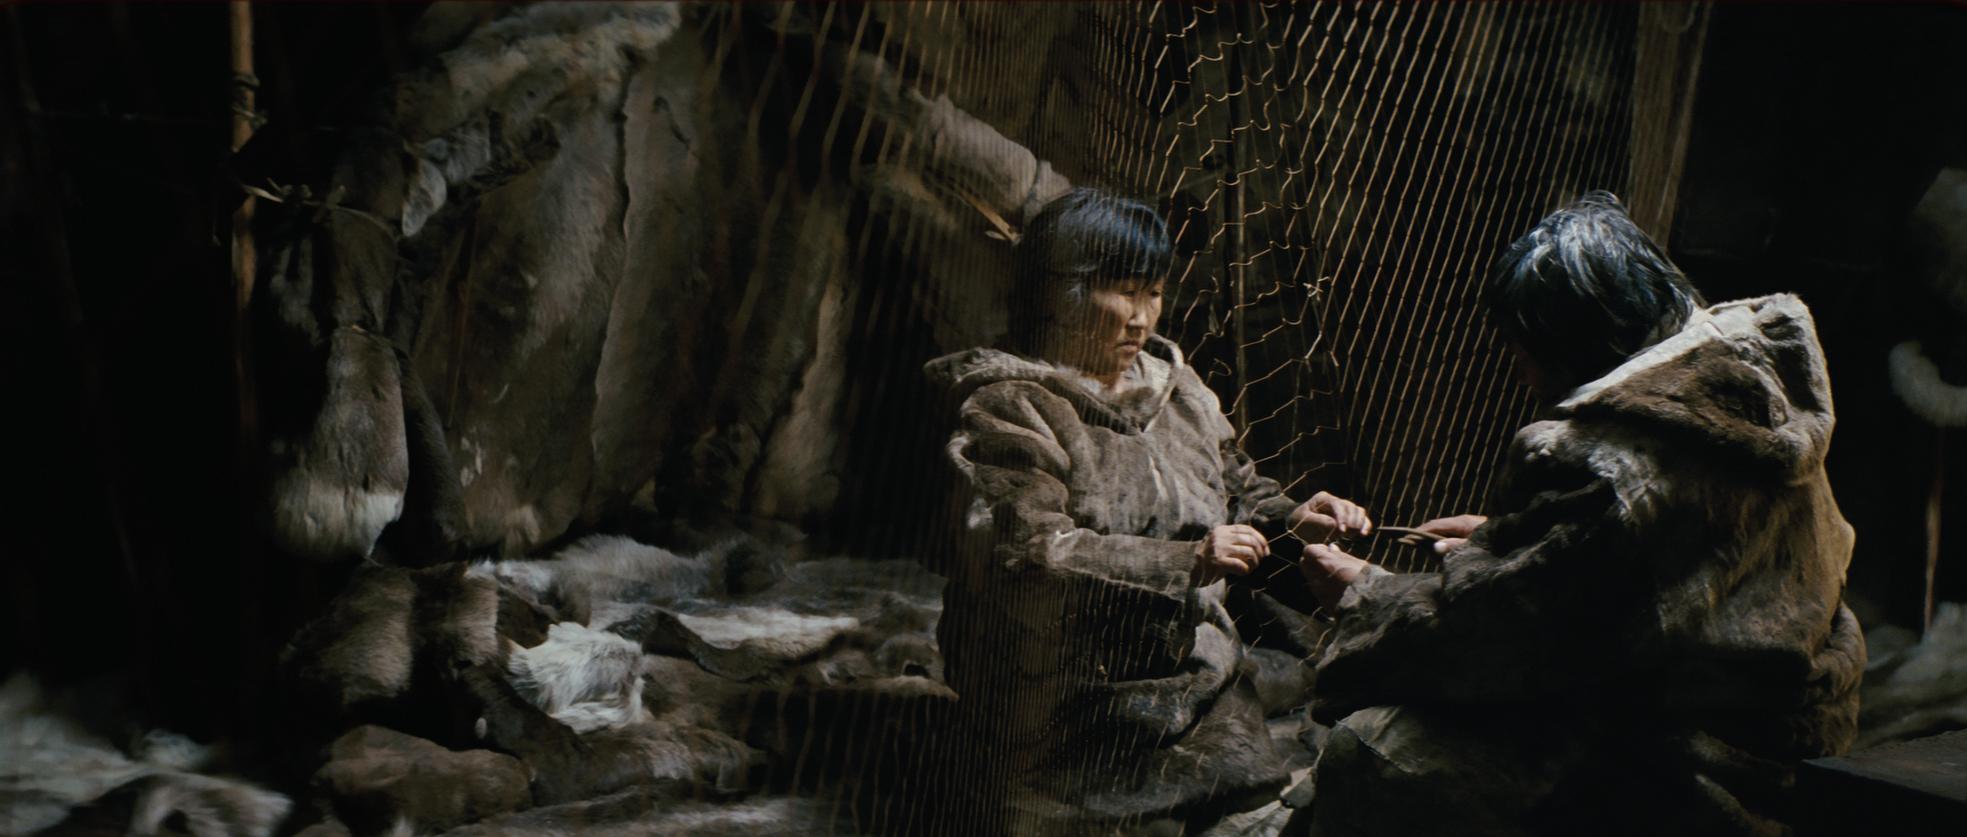 Ága _ Un film de Milko Lazarov _ La cinquantaine, Nanouk et Sedna vivent harmonieusement le quotidien traditionnel d'un couple du Grand Nord.